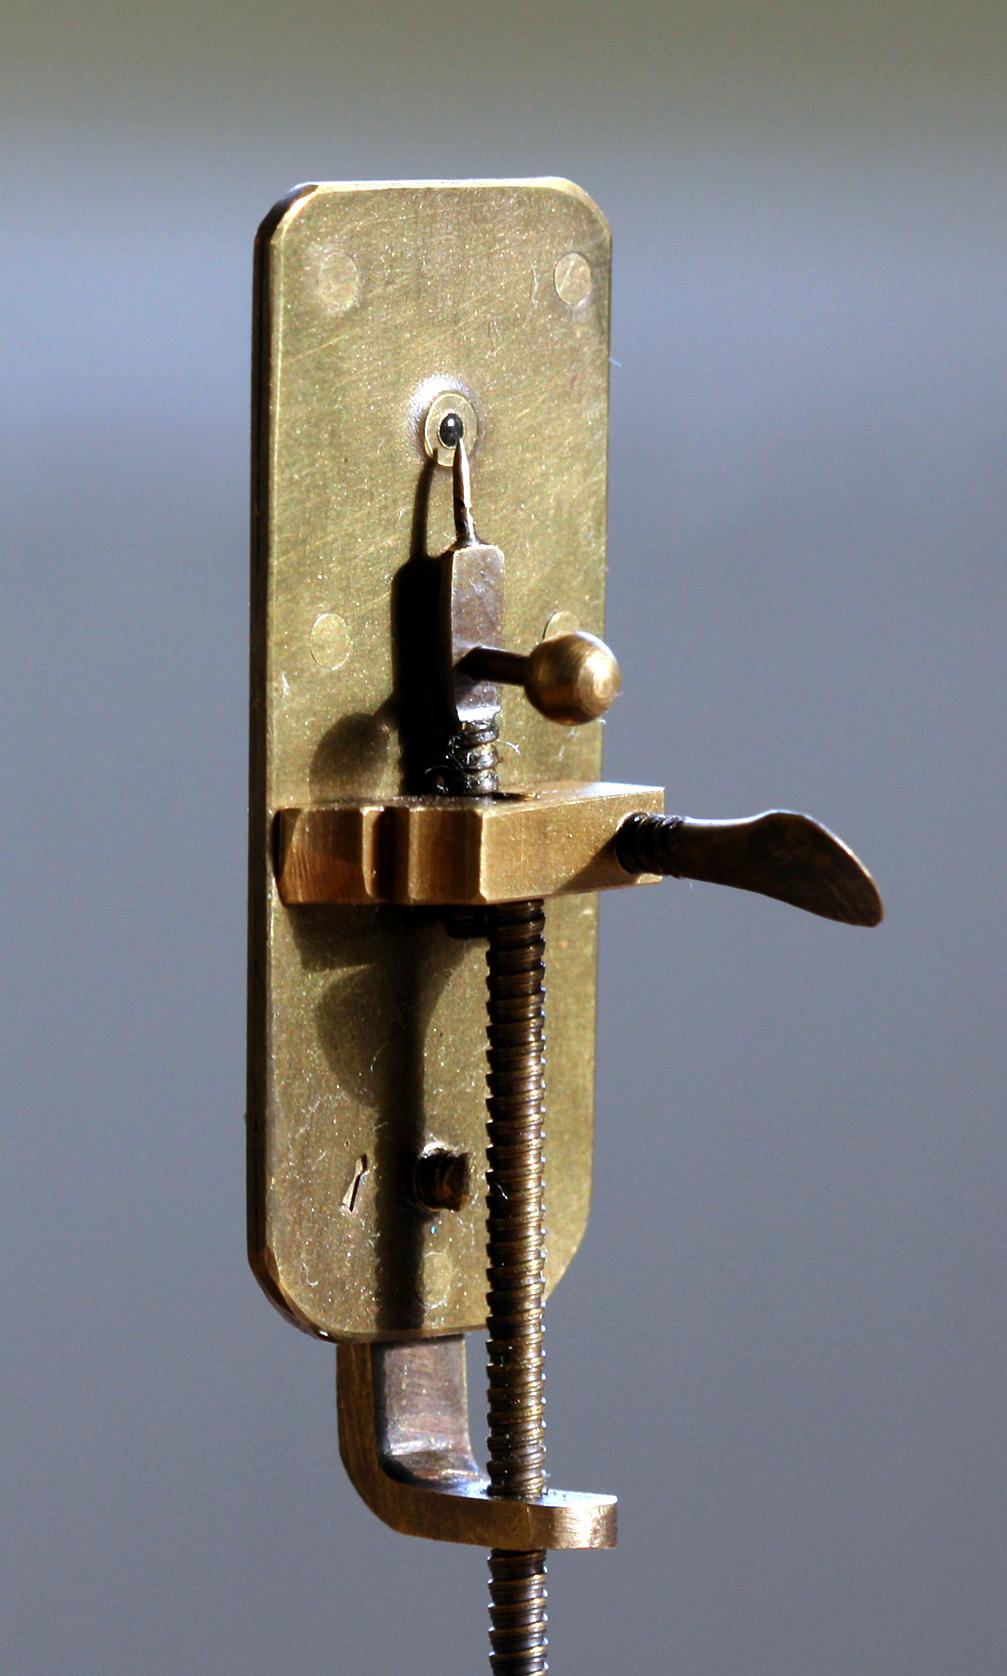 Replica of Leewenhoek's microscope, photo by Jeroen Rouwkema on Wikipedia